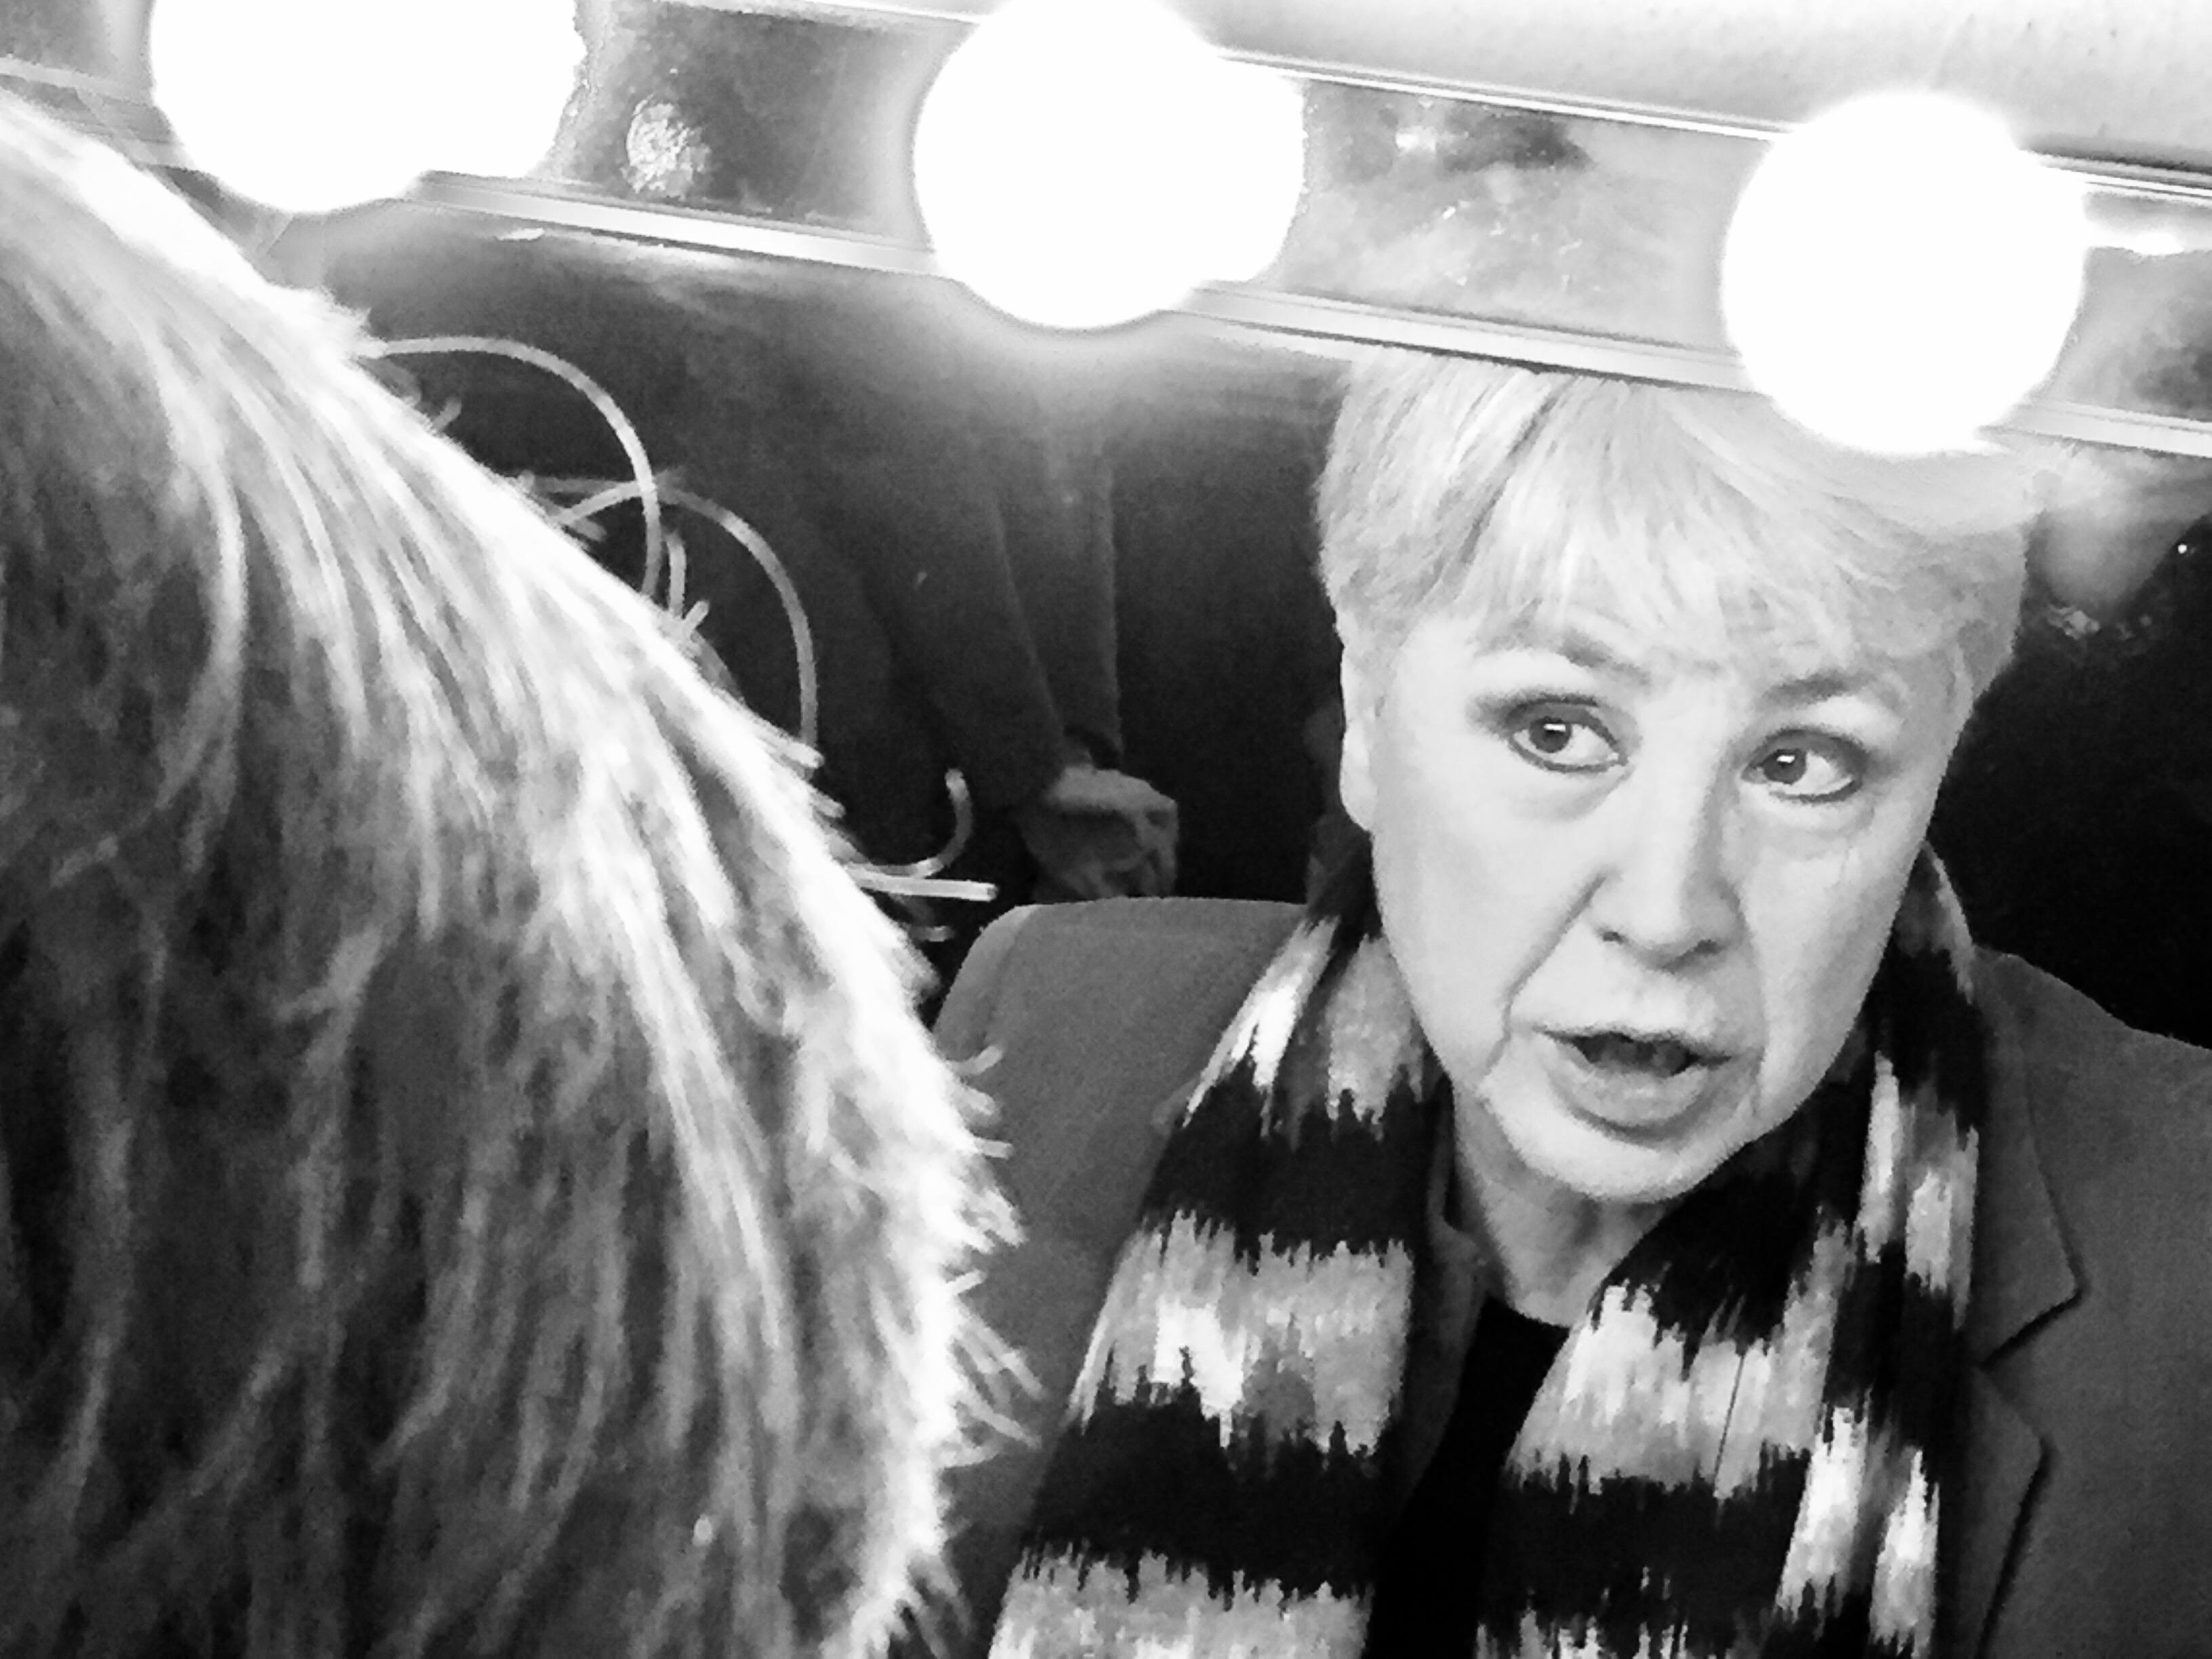 Ottavia Piccolo nel camerino del Teatro Ringhiera, Milano 2017. Foto di Camilla Giannelli